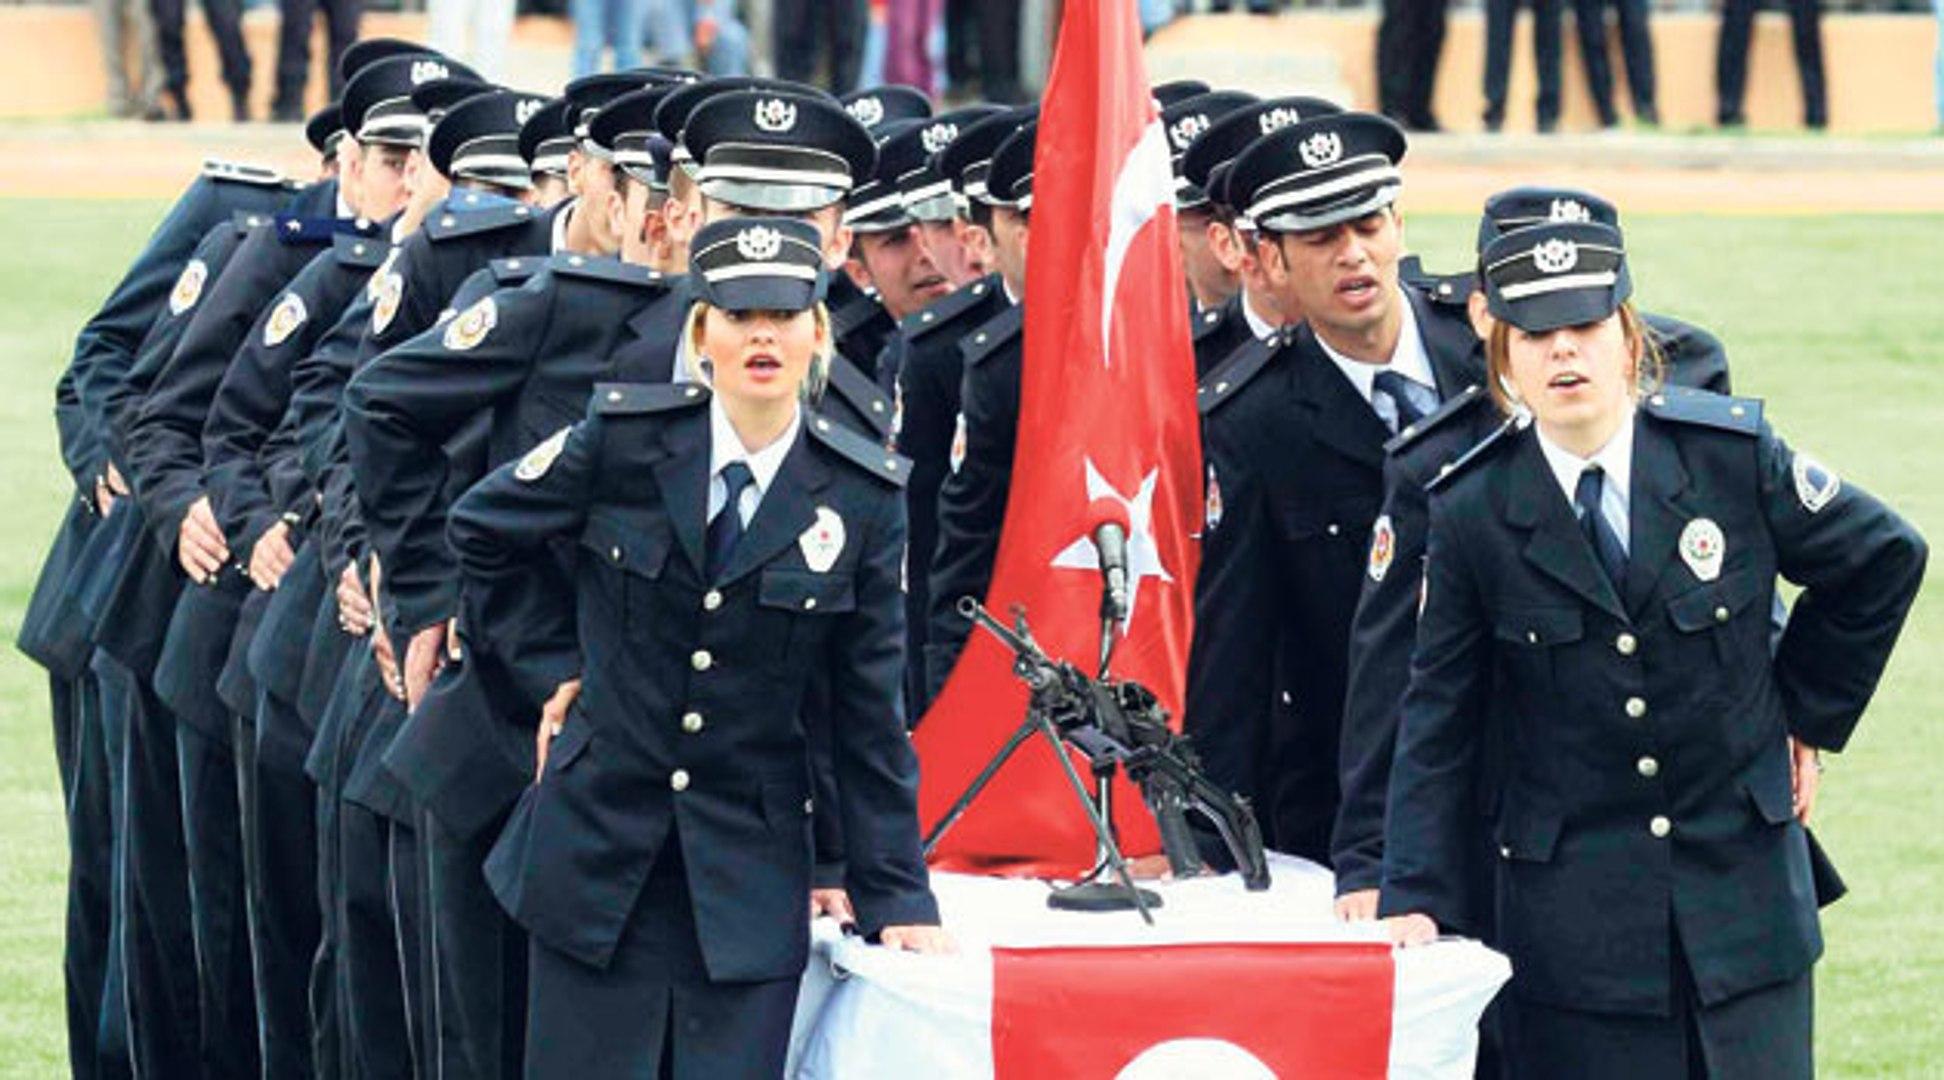 POLİS MARŞI Güvenlik Güçleri Marş Çevik Kuvvet Özel Harekat Yunus Şahin Trafik Polisi Akedemisi Kole